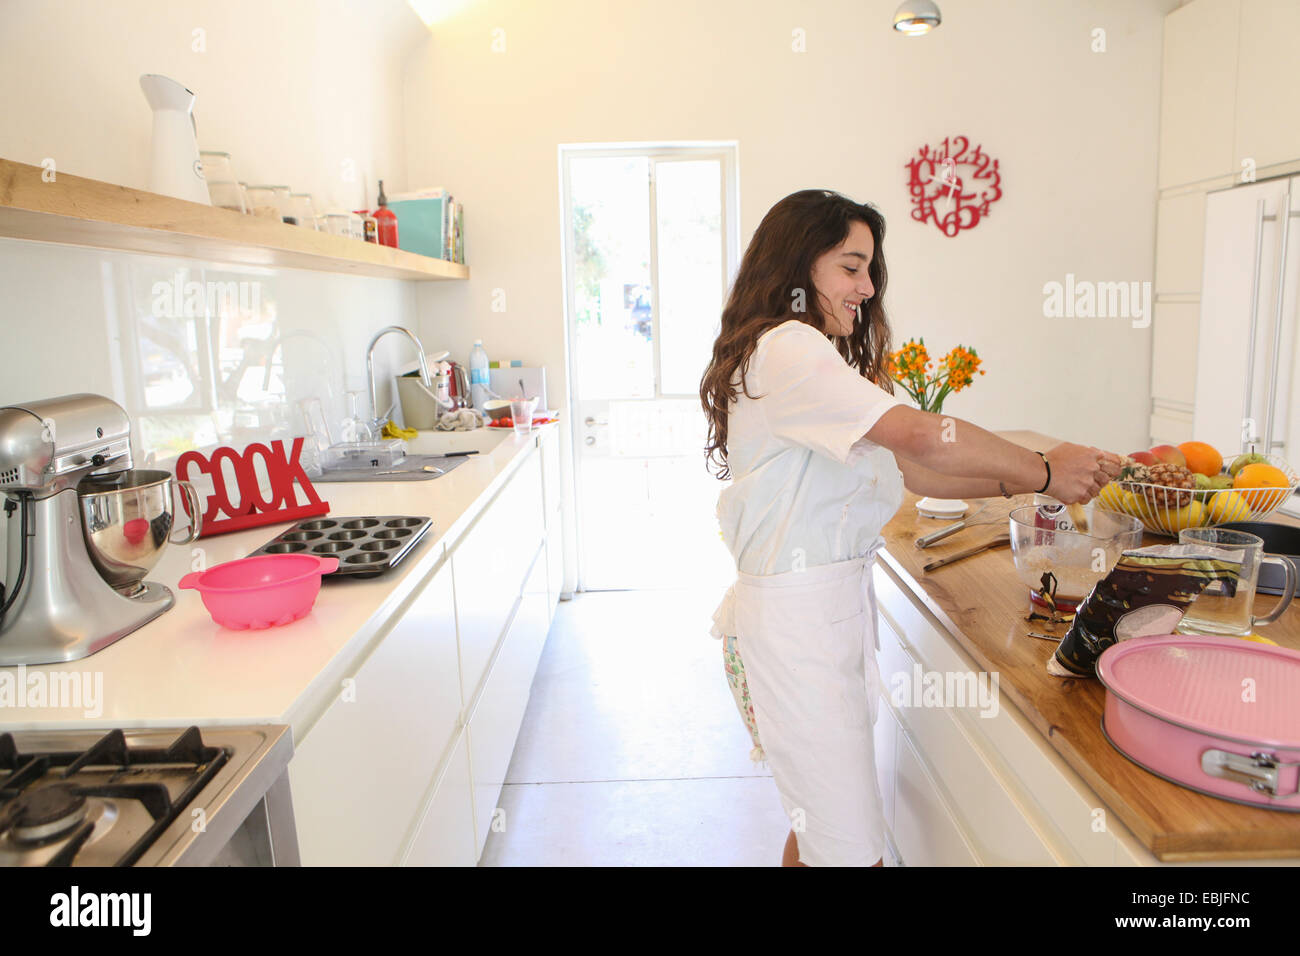 White apron girl - Stock Photo Teenage Girl In White Apron Baking Cake In Kitchen